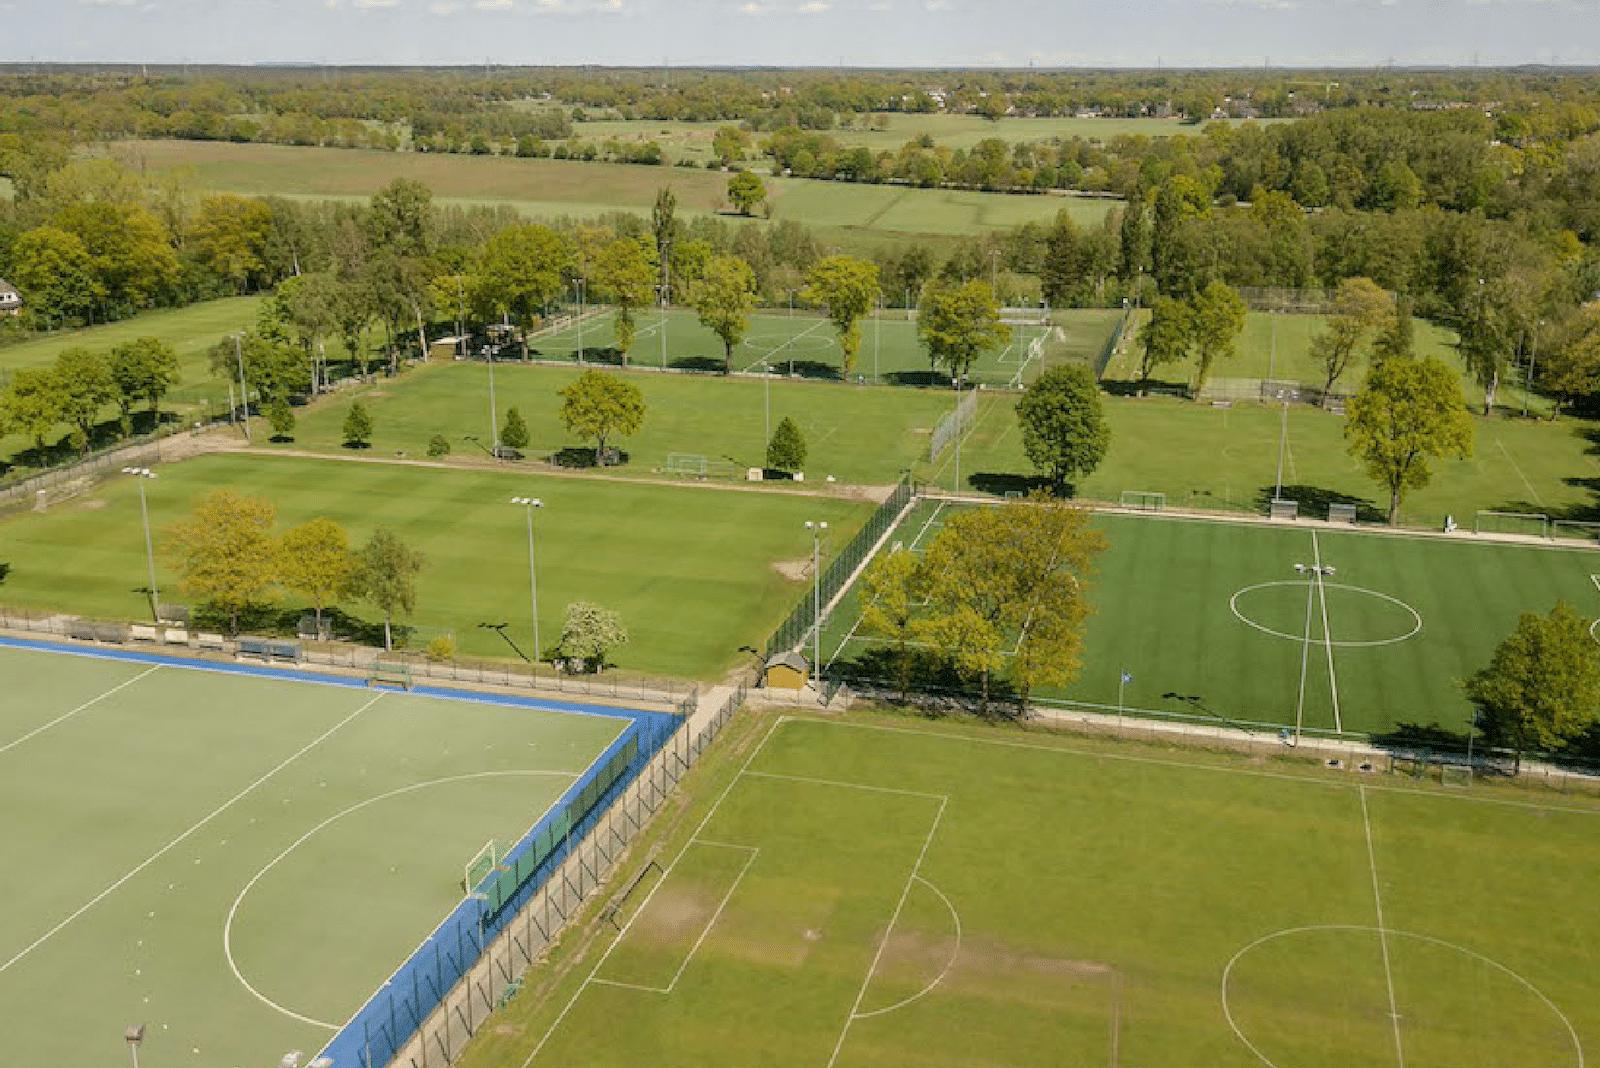 Turnier_Fußball_Sportanlage